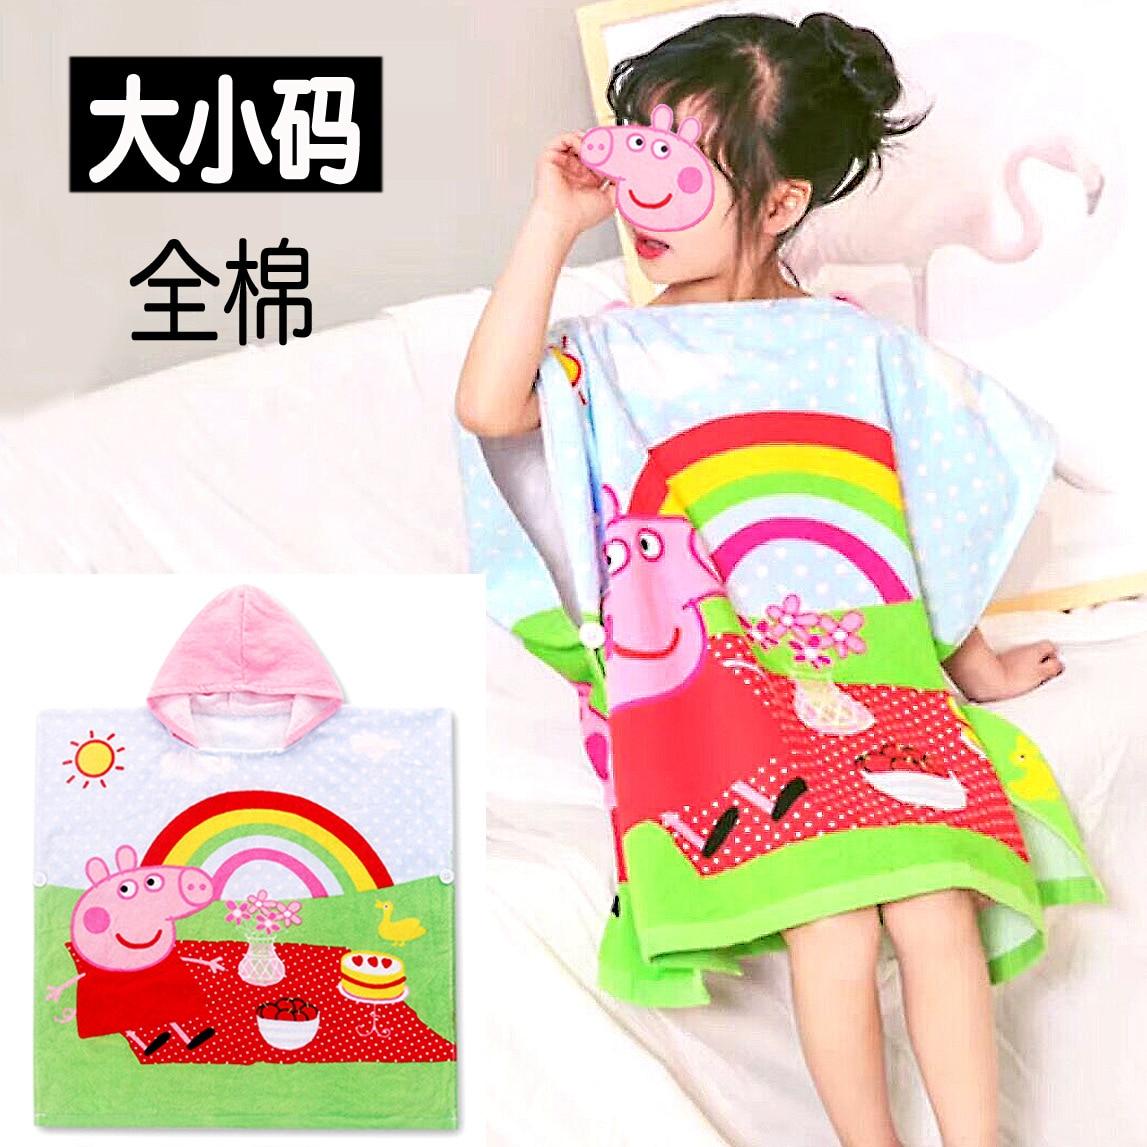 CHILDREN'S DAY Pink Piggy CHILDREN'S Cartoon Bathrobe Big Kid Girls Rainbow Pigskin Beach Hooded Summer Bath Towel Cotton